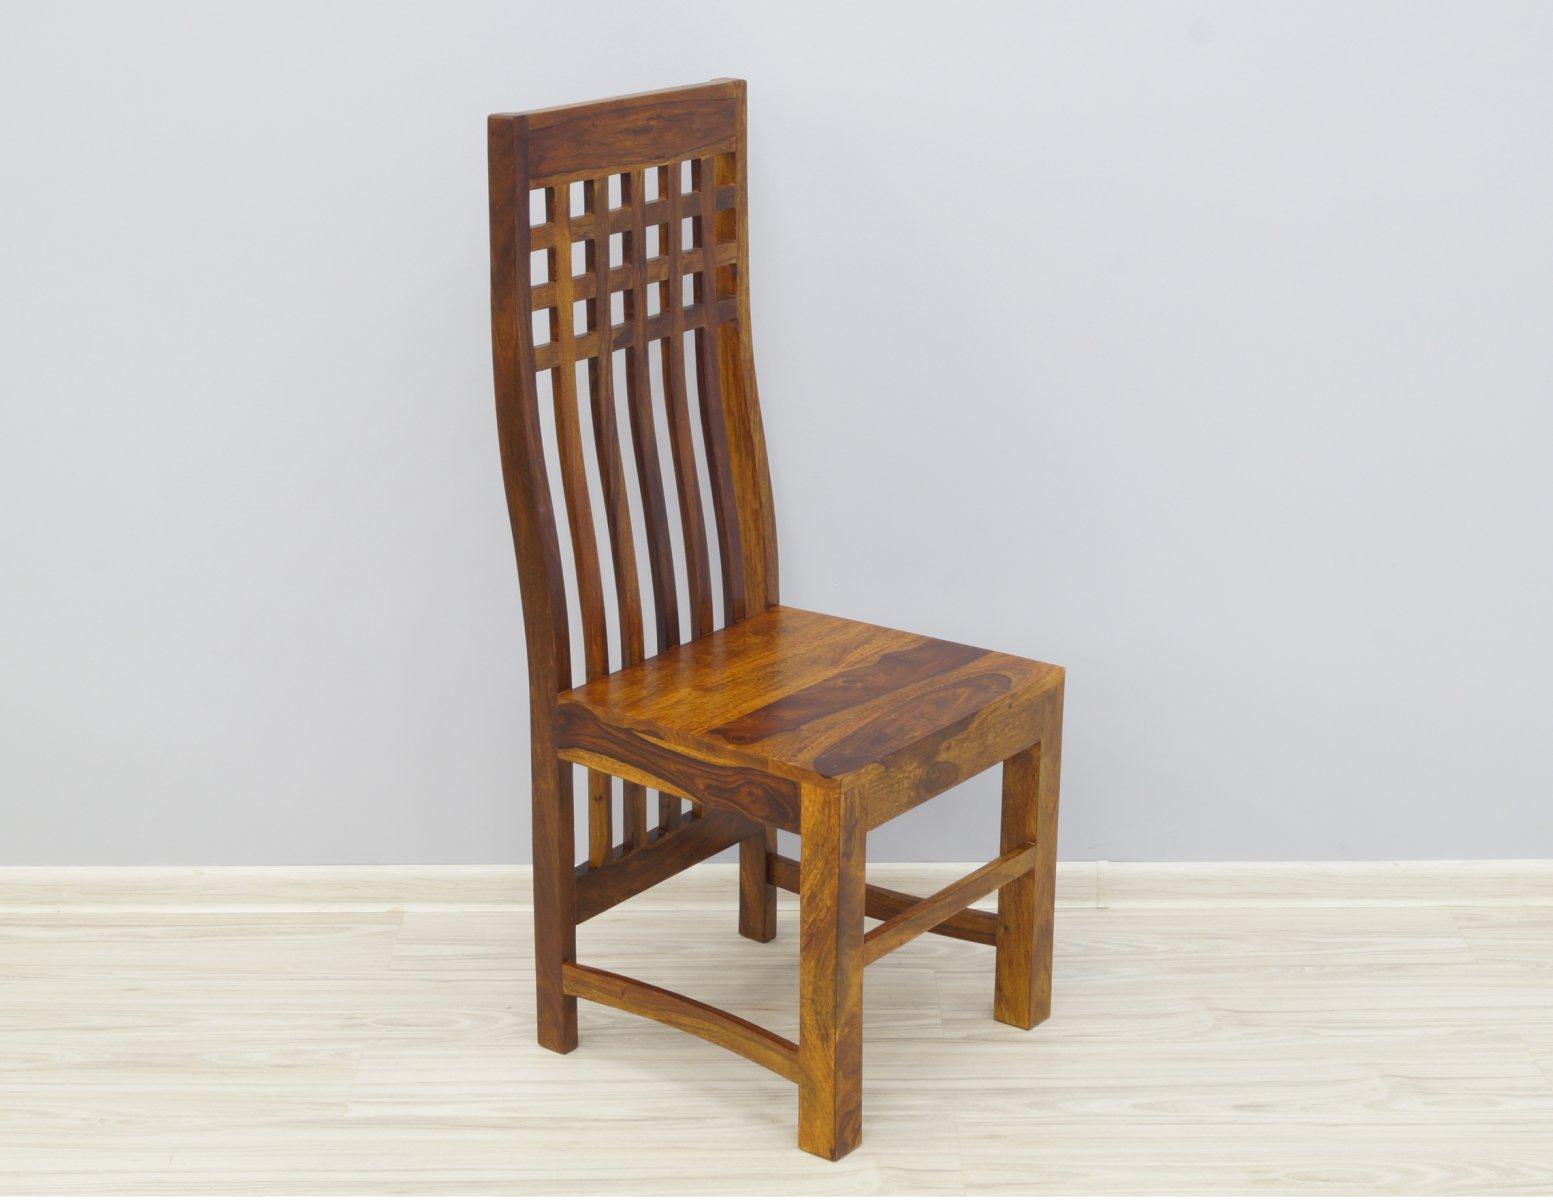 Krzesło kolonialne lite drewno palisander indyjski miodowy brąz nowoczesne